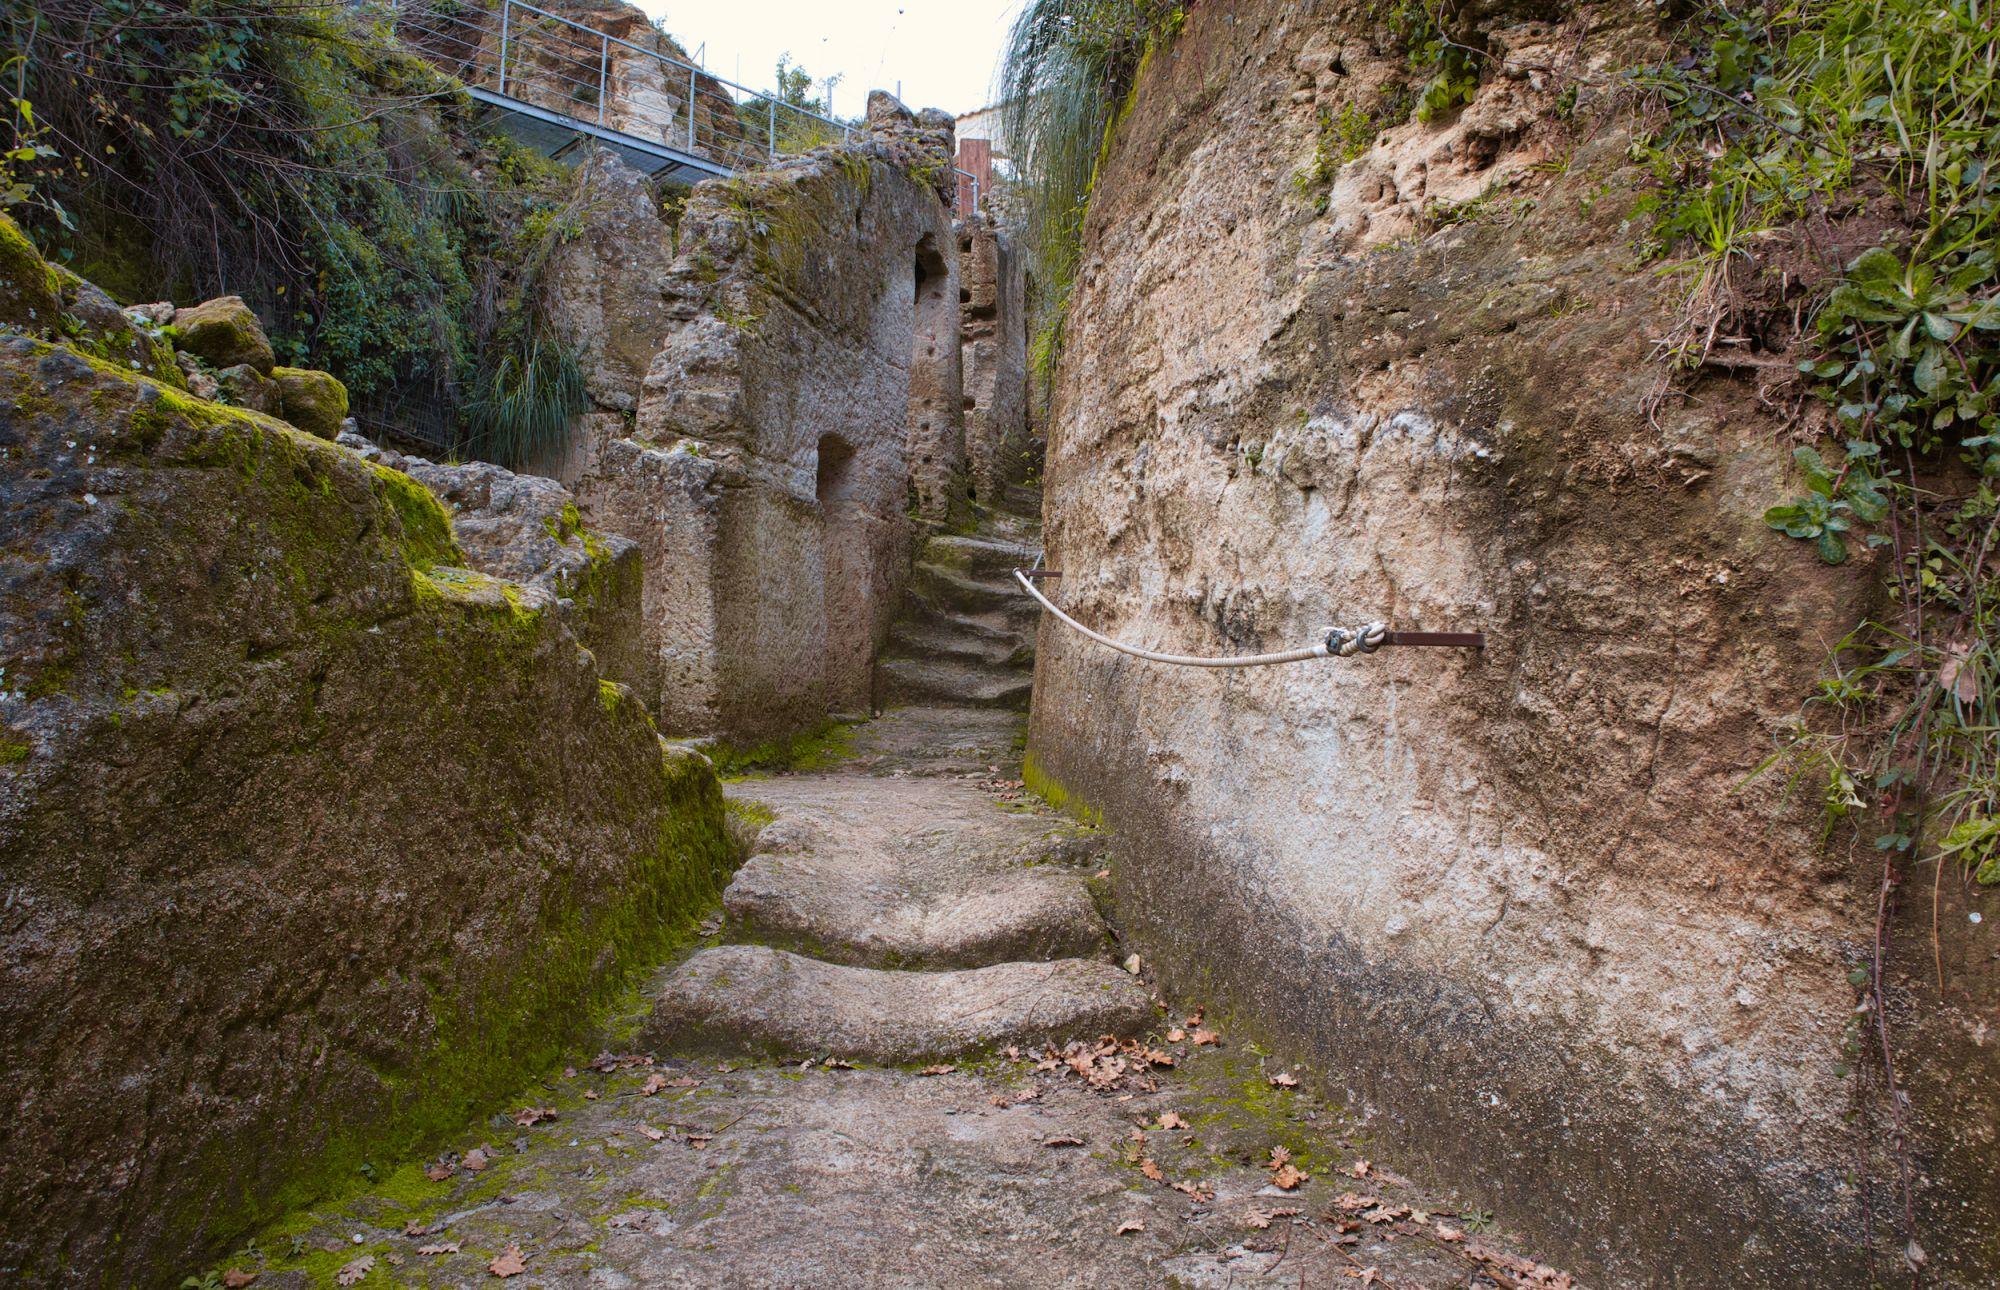 Zungri Calabria